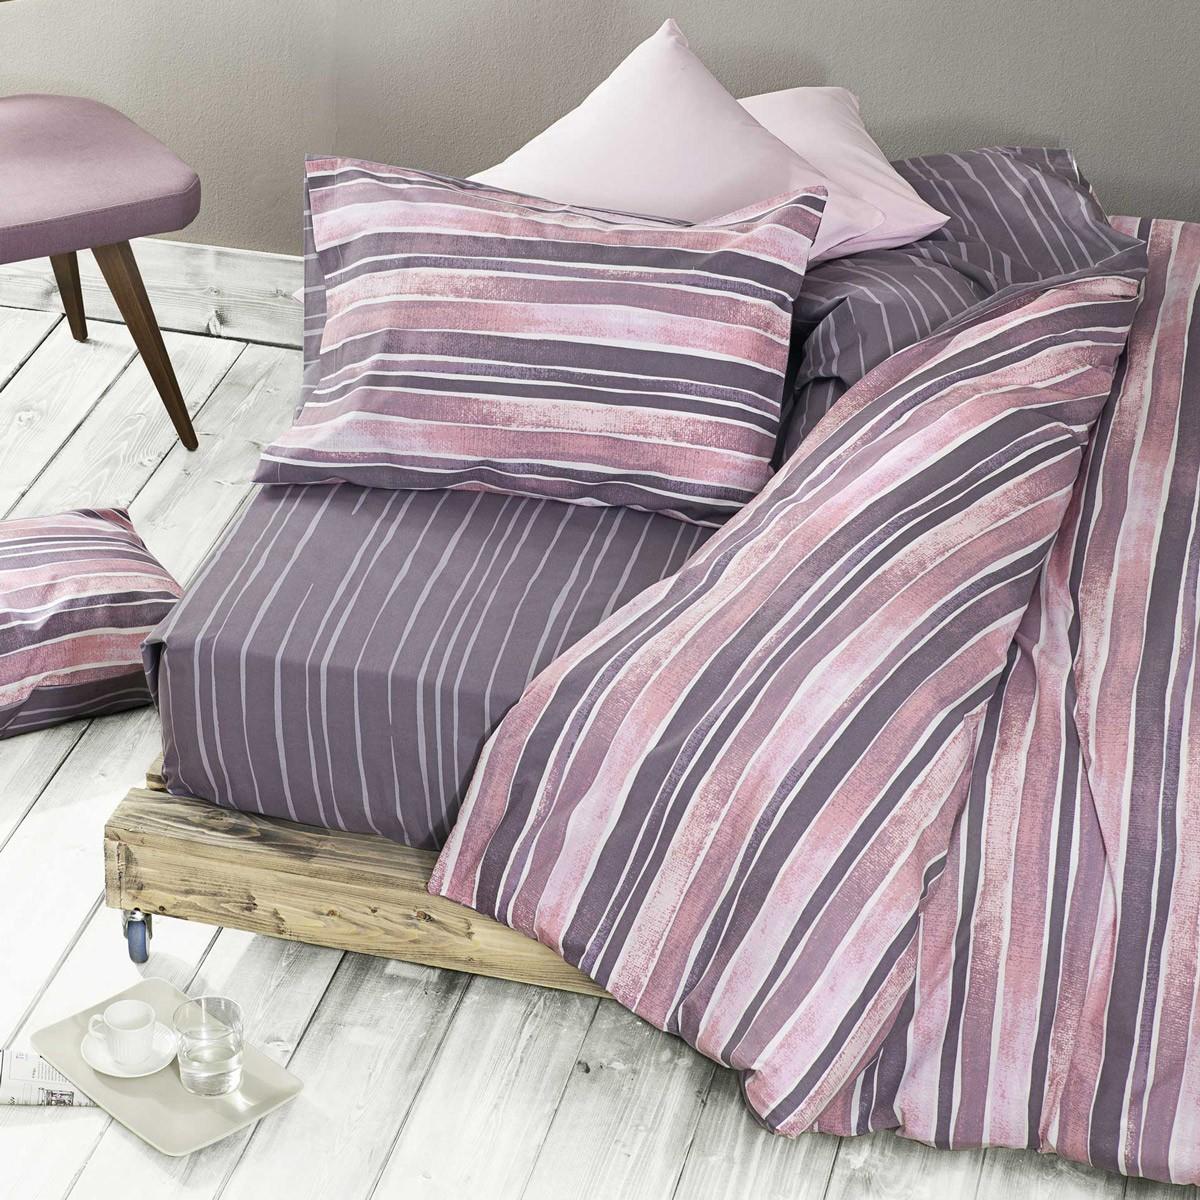 Σεντόνια Υπέρδιπλα (Σετ) Nima Bed Linen Arrigo Pink ΧΩΡΙΣ ΛΑΣΤΙΧΟ ΧΩΡΙΣ ΛΑΣΤΙΧΟ